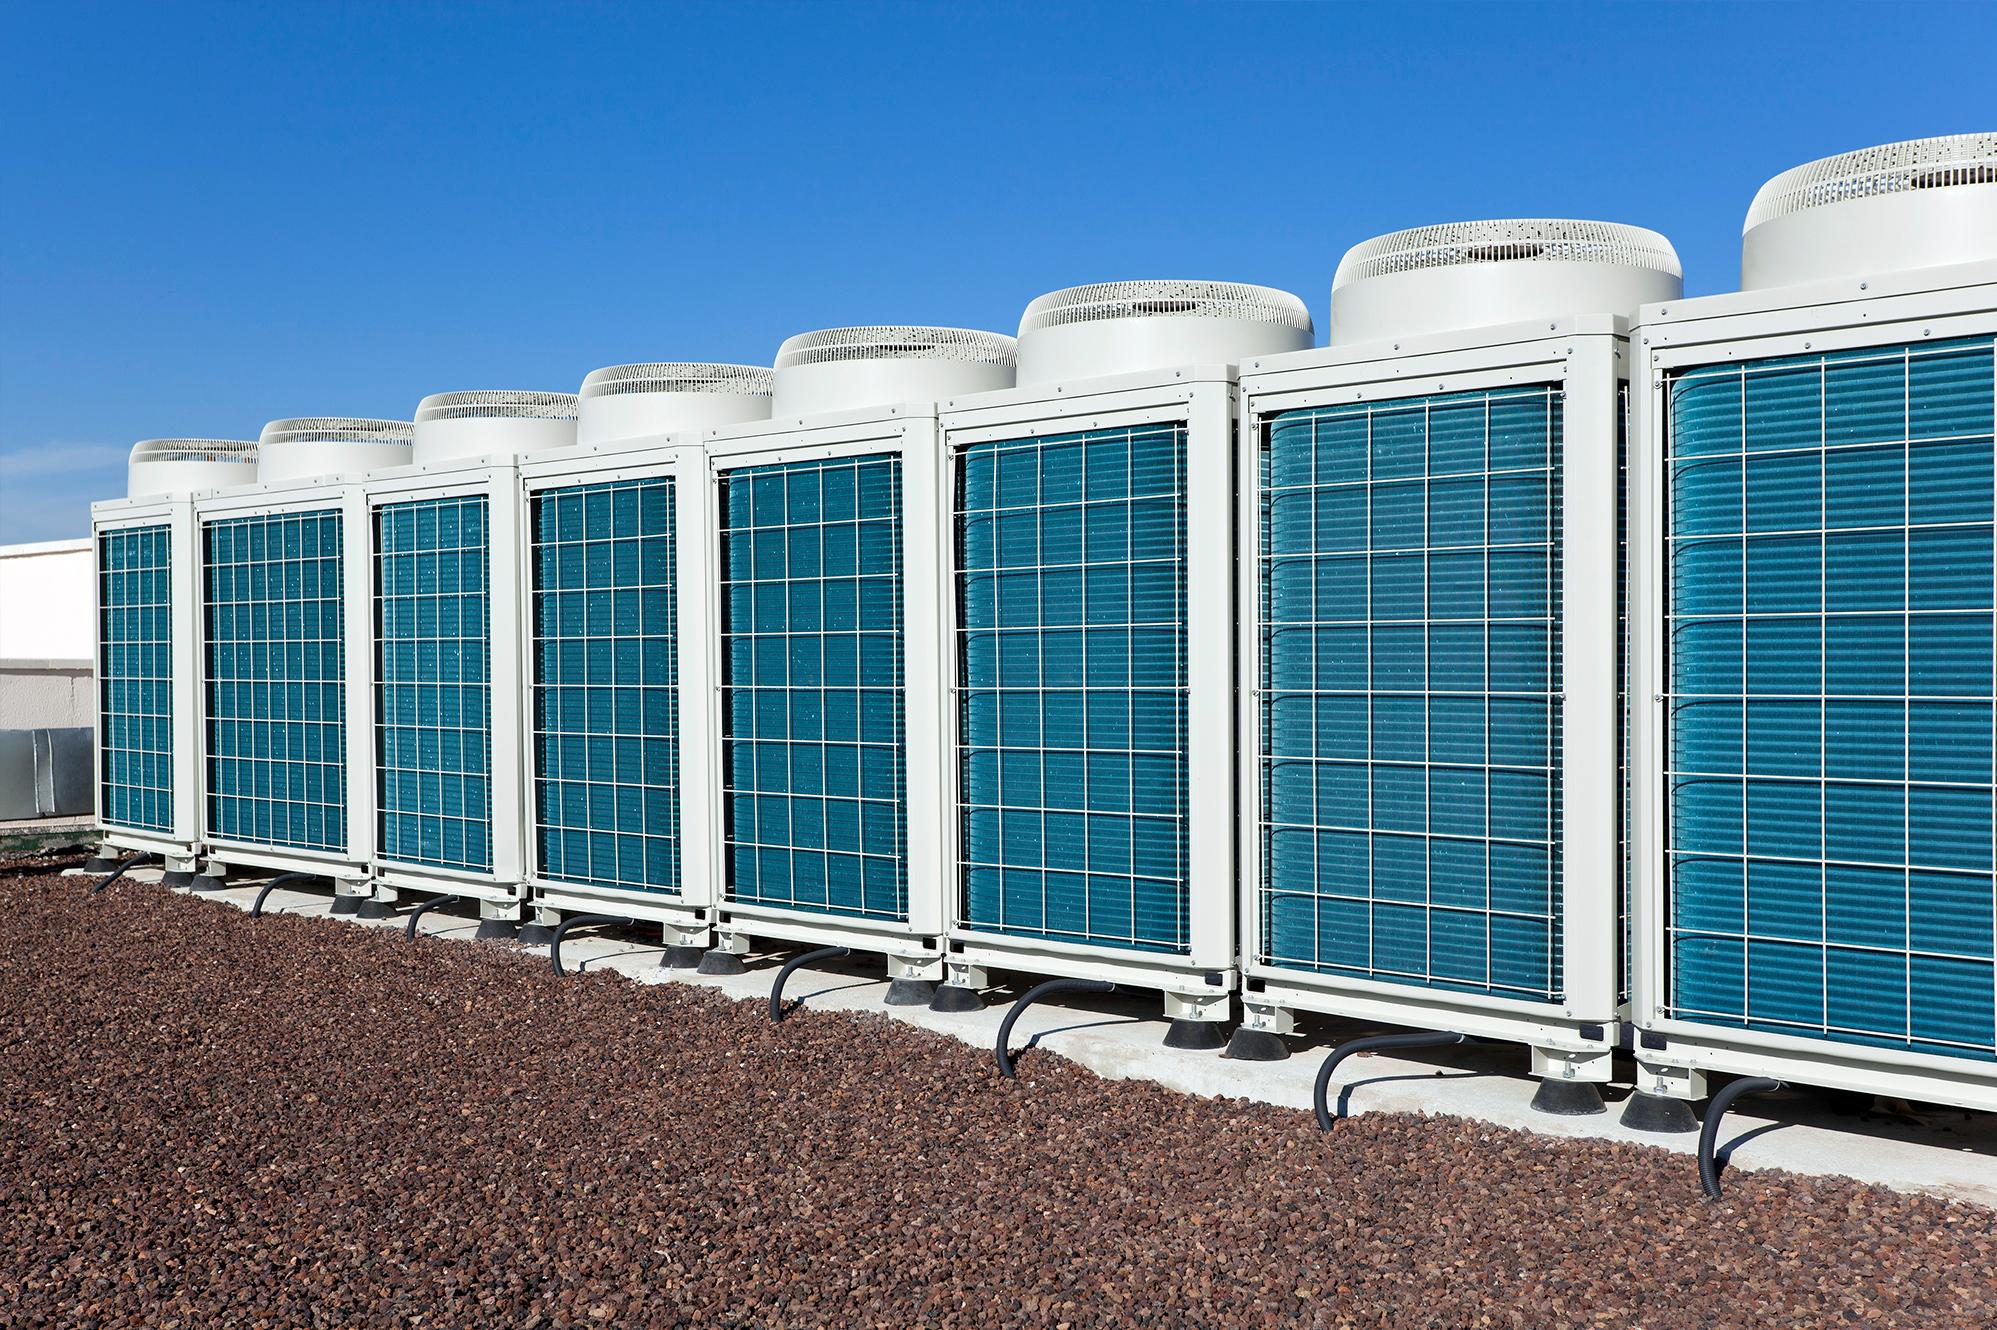 HVAC Units on Roof